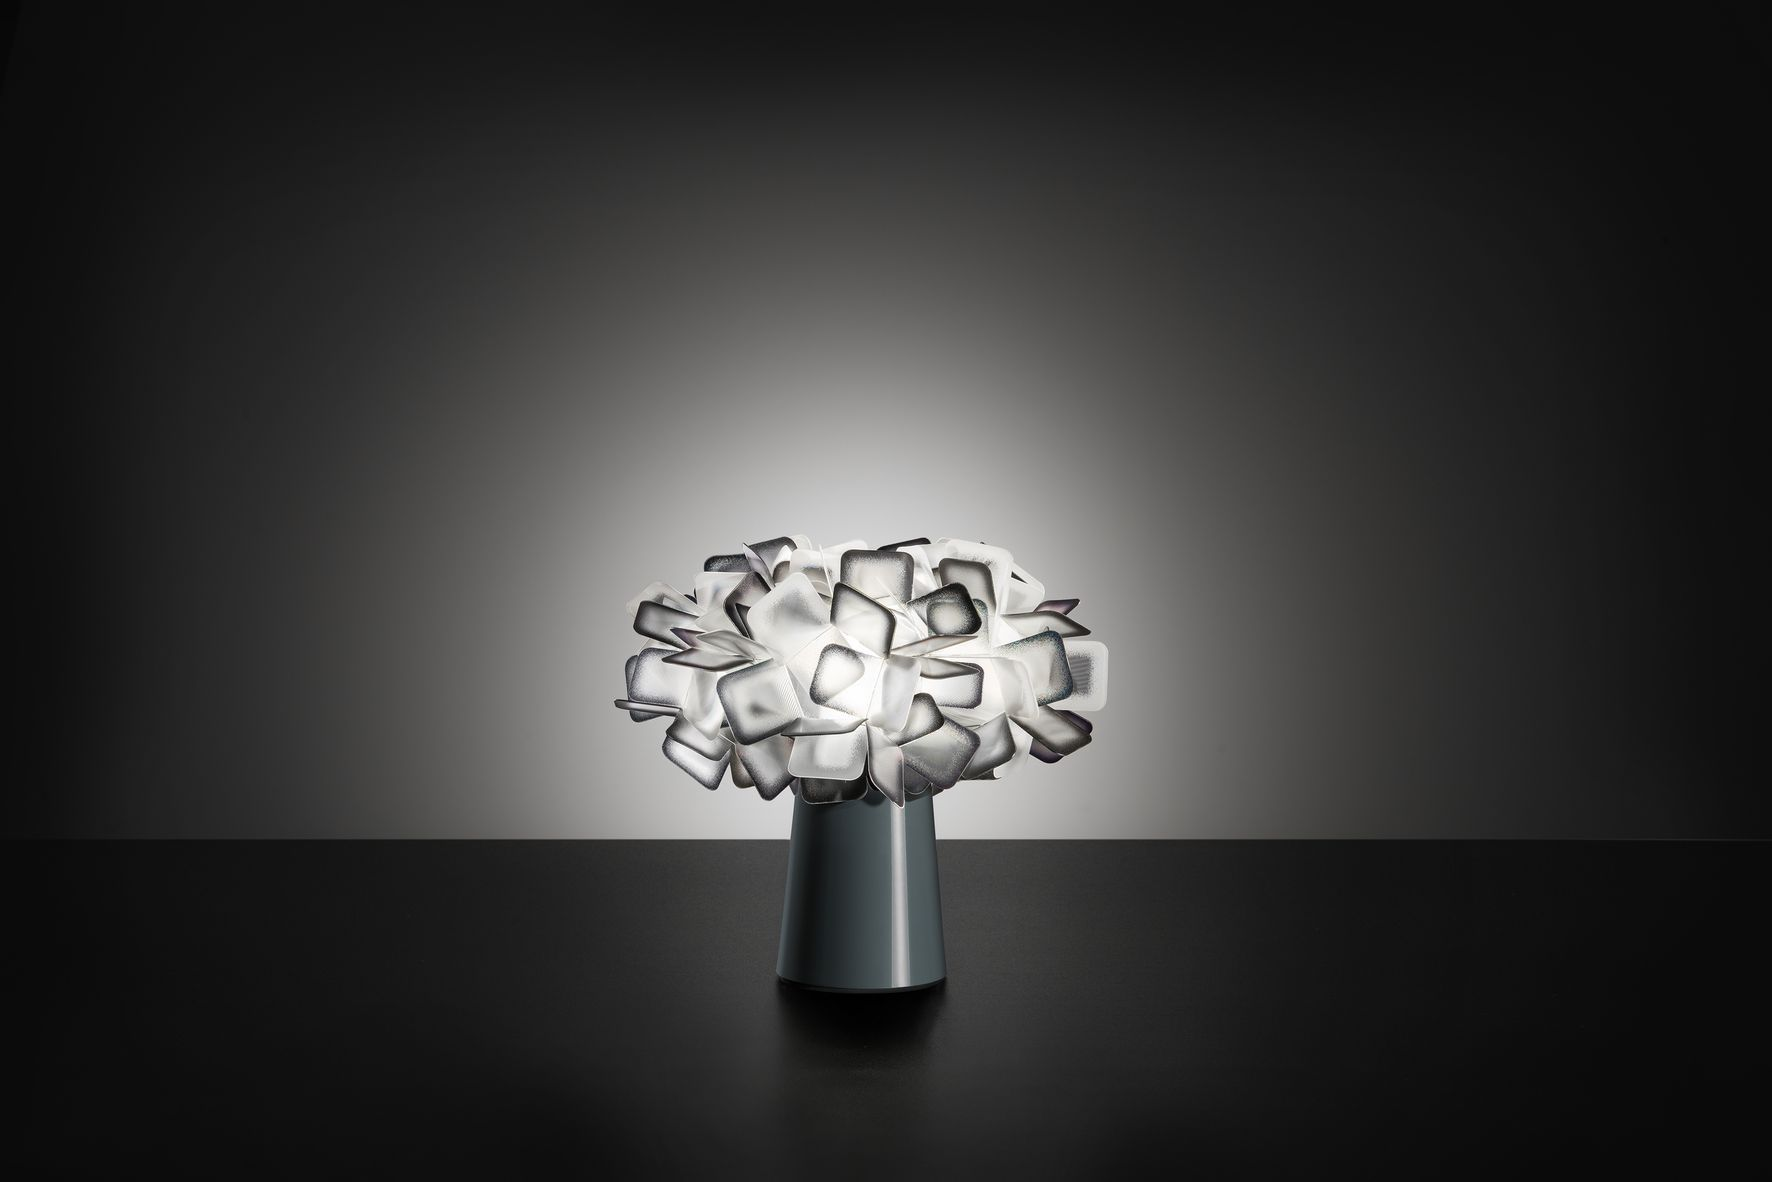 Lampe Lumière Luminaire Slamp Eclairage Collection Laurie xQdhsrtC